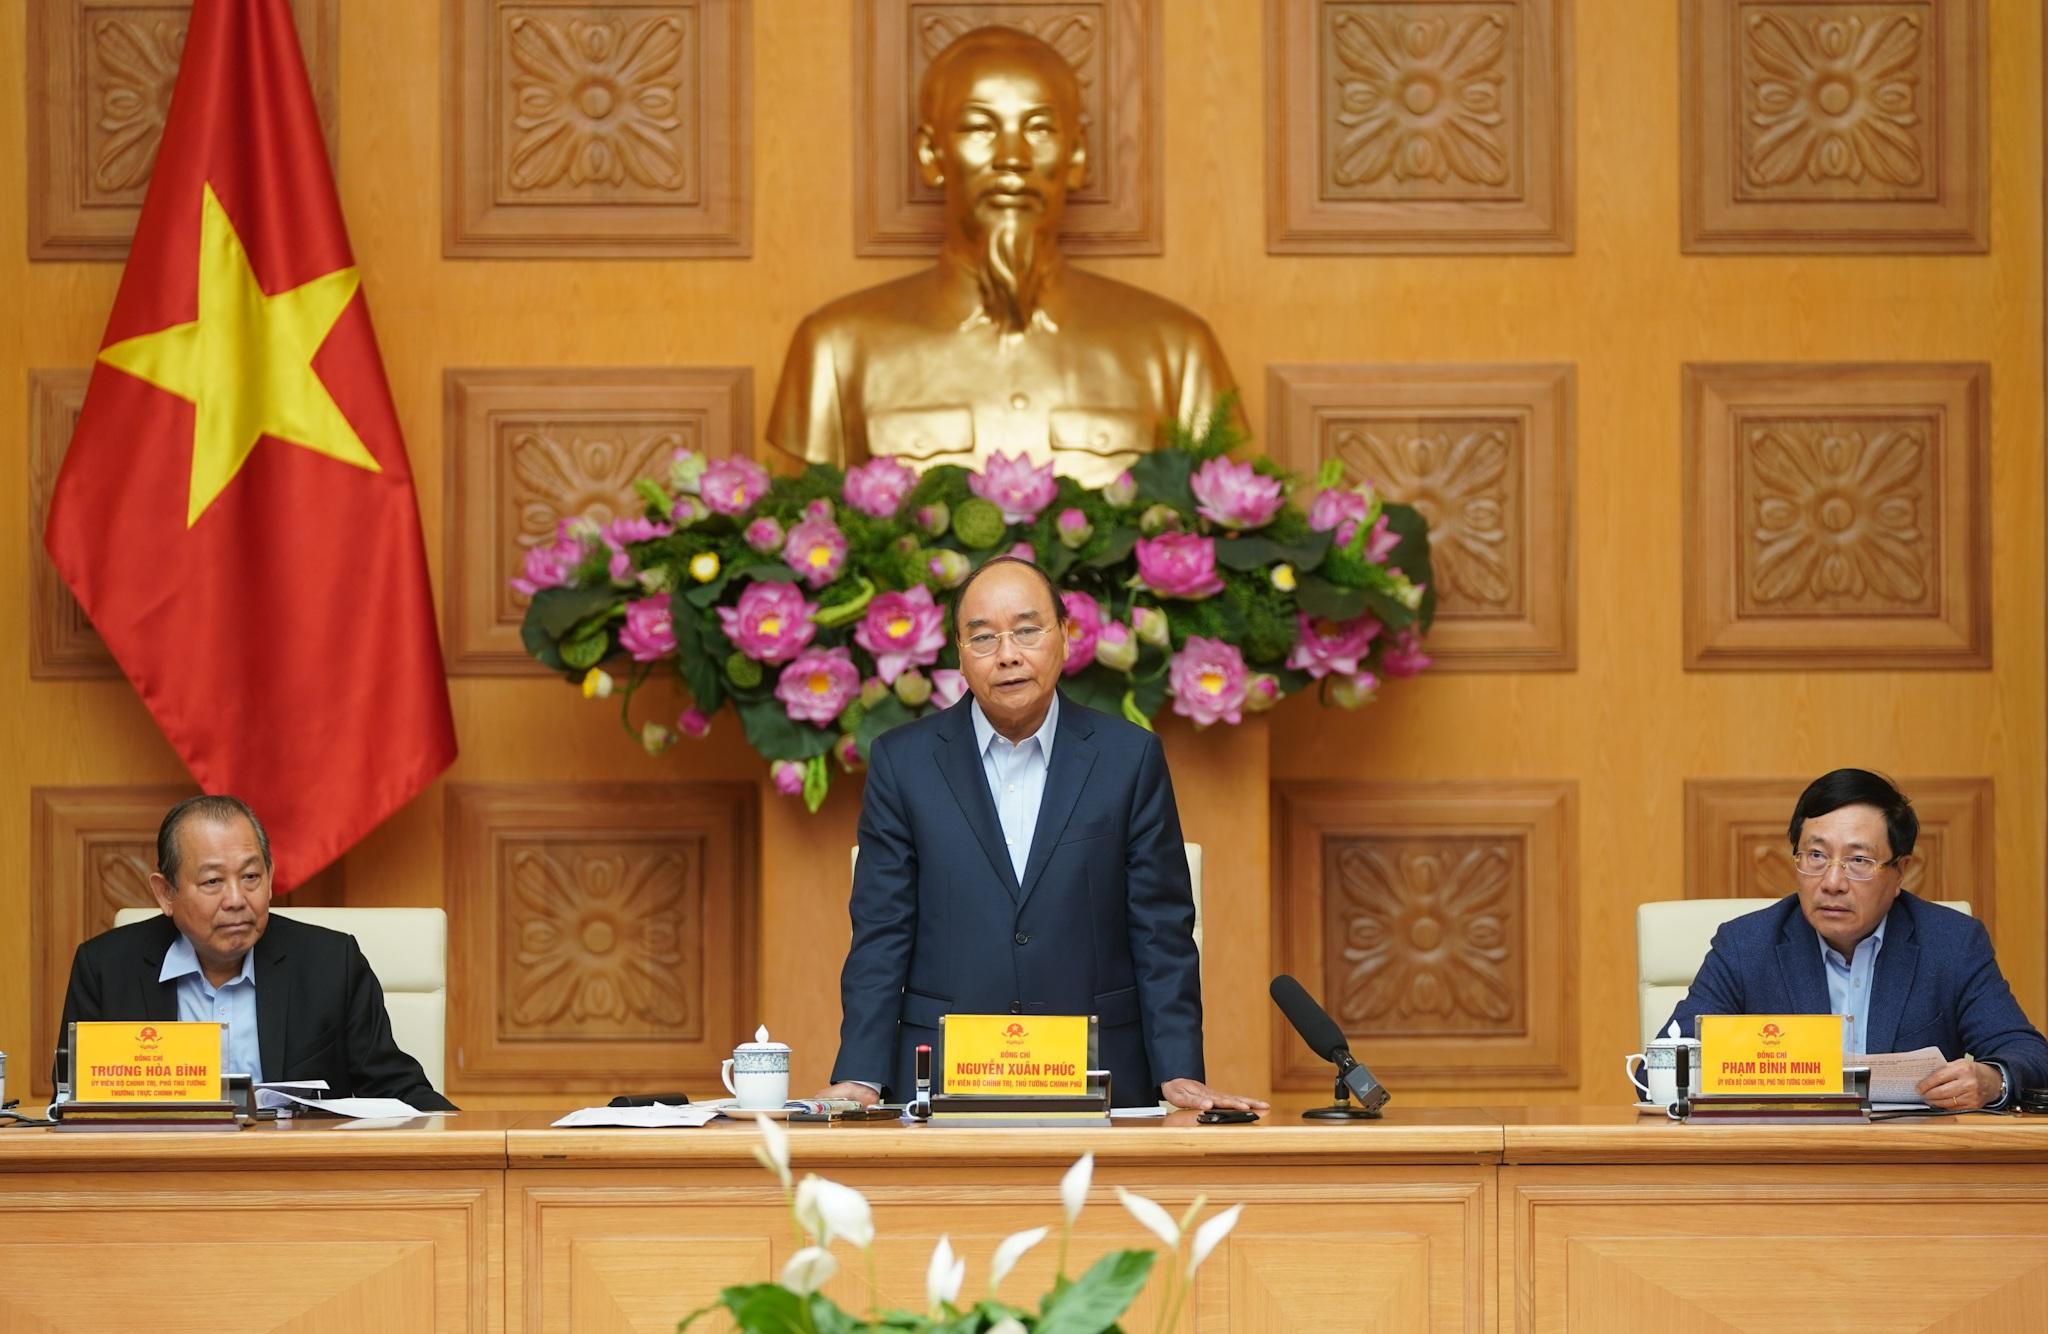 43 chuyên gia Trung Quốc được nhập cảnh làm đường sắt Cát Linh - Hà Đông